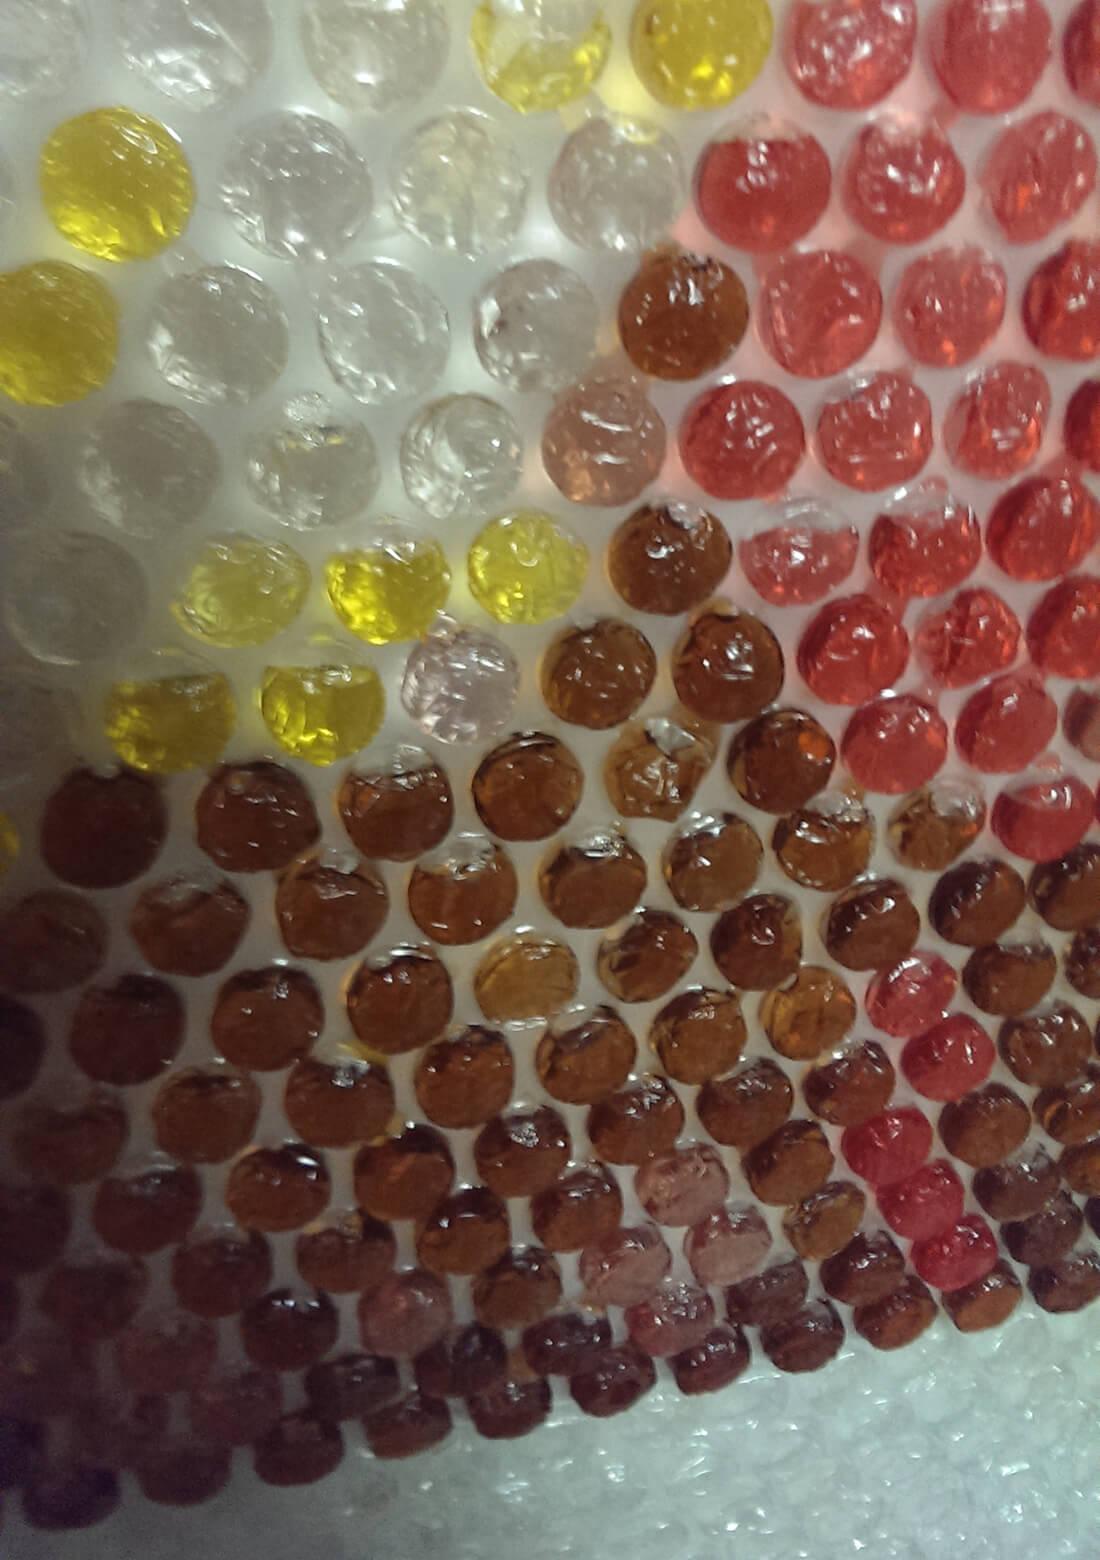 Bubbeltjesplastic vullen